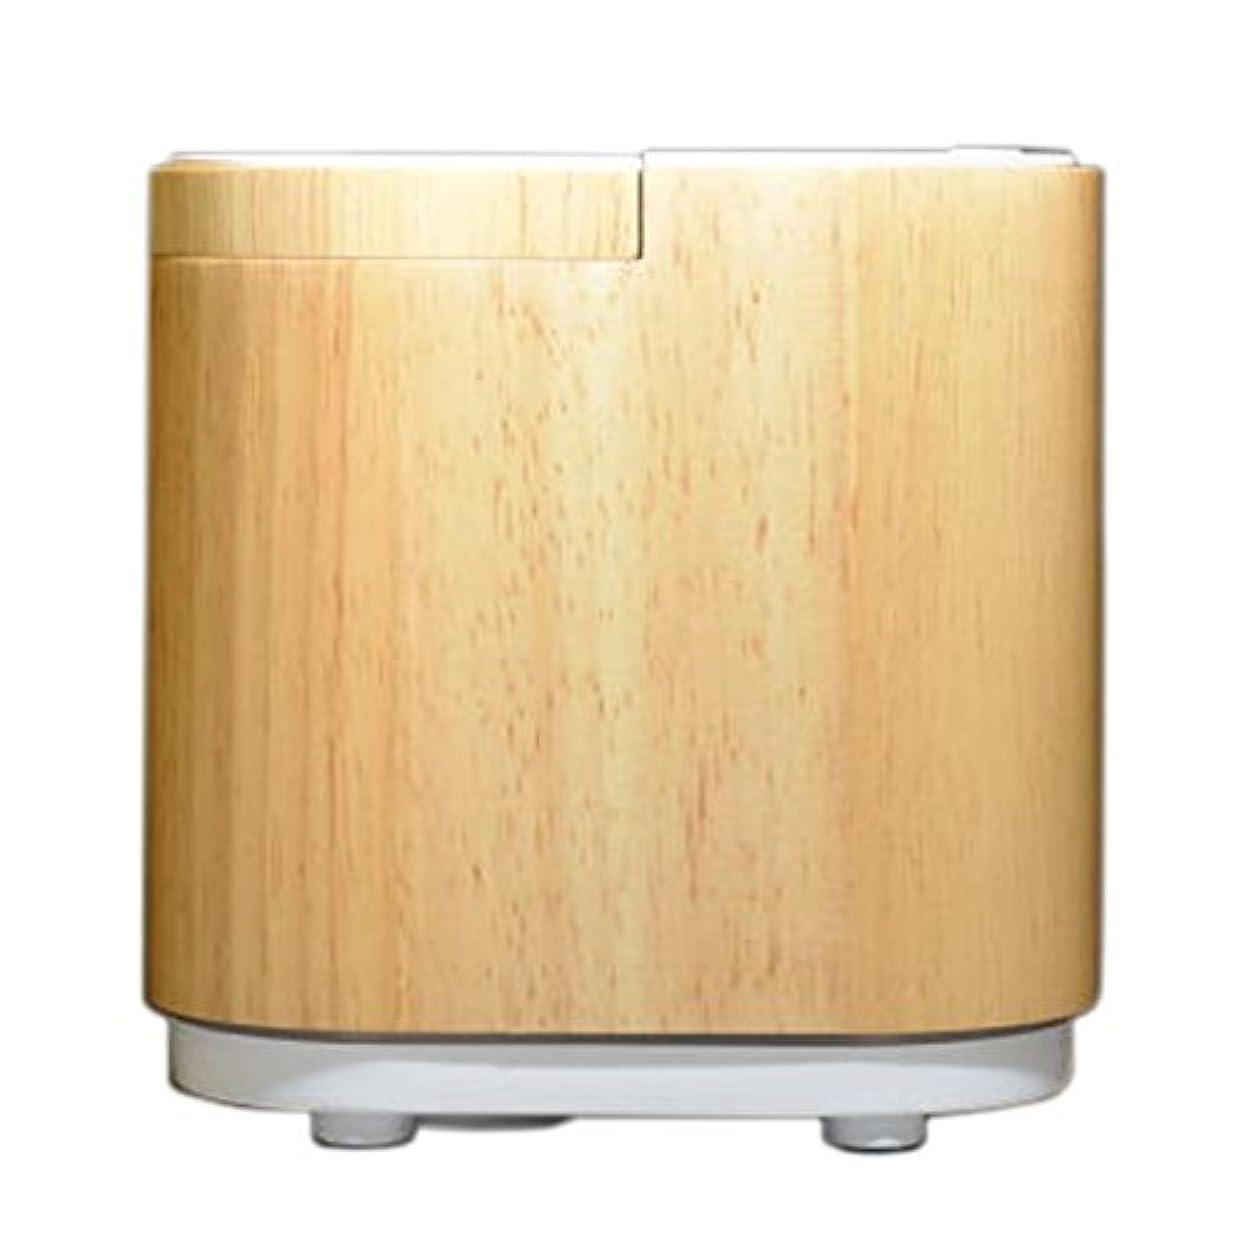 判読できない花瓶シェルター生活の木 アロモアウッド [aromore] エッセンシャルオイルディフューザー アロマディフューザー